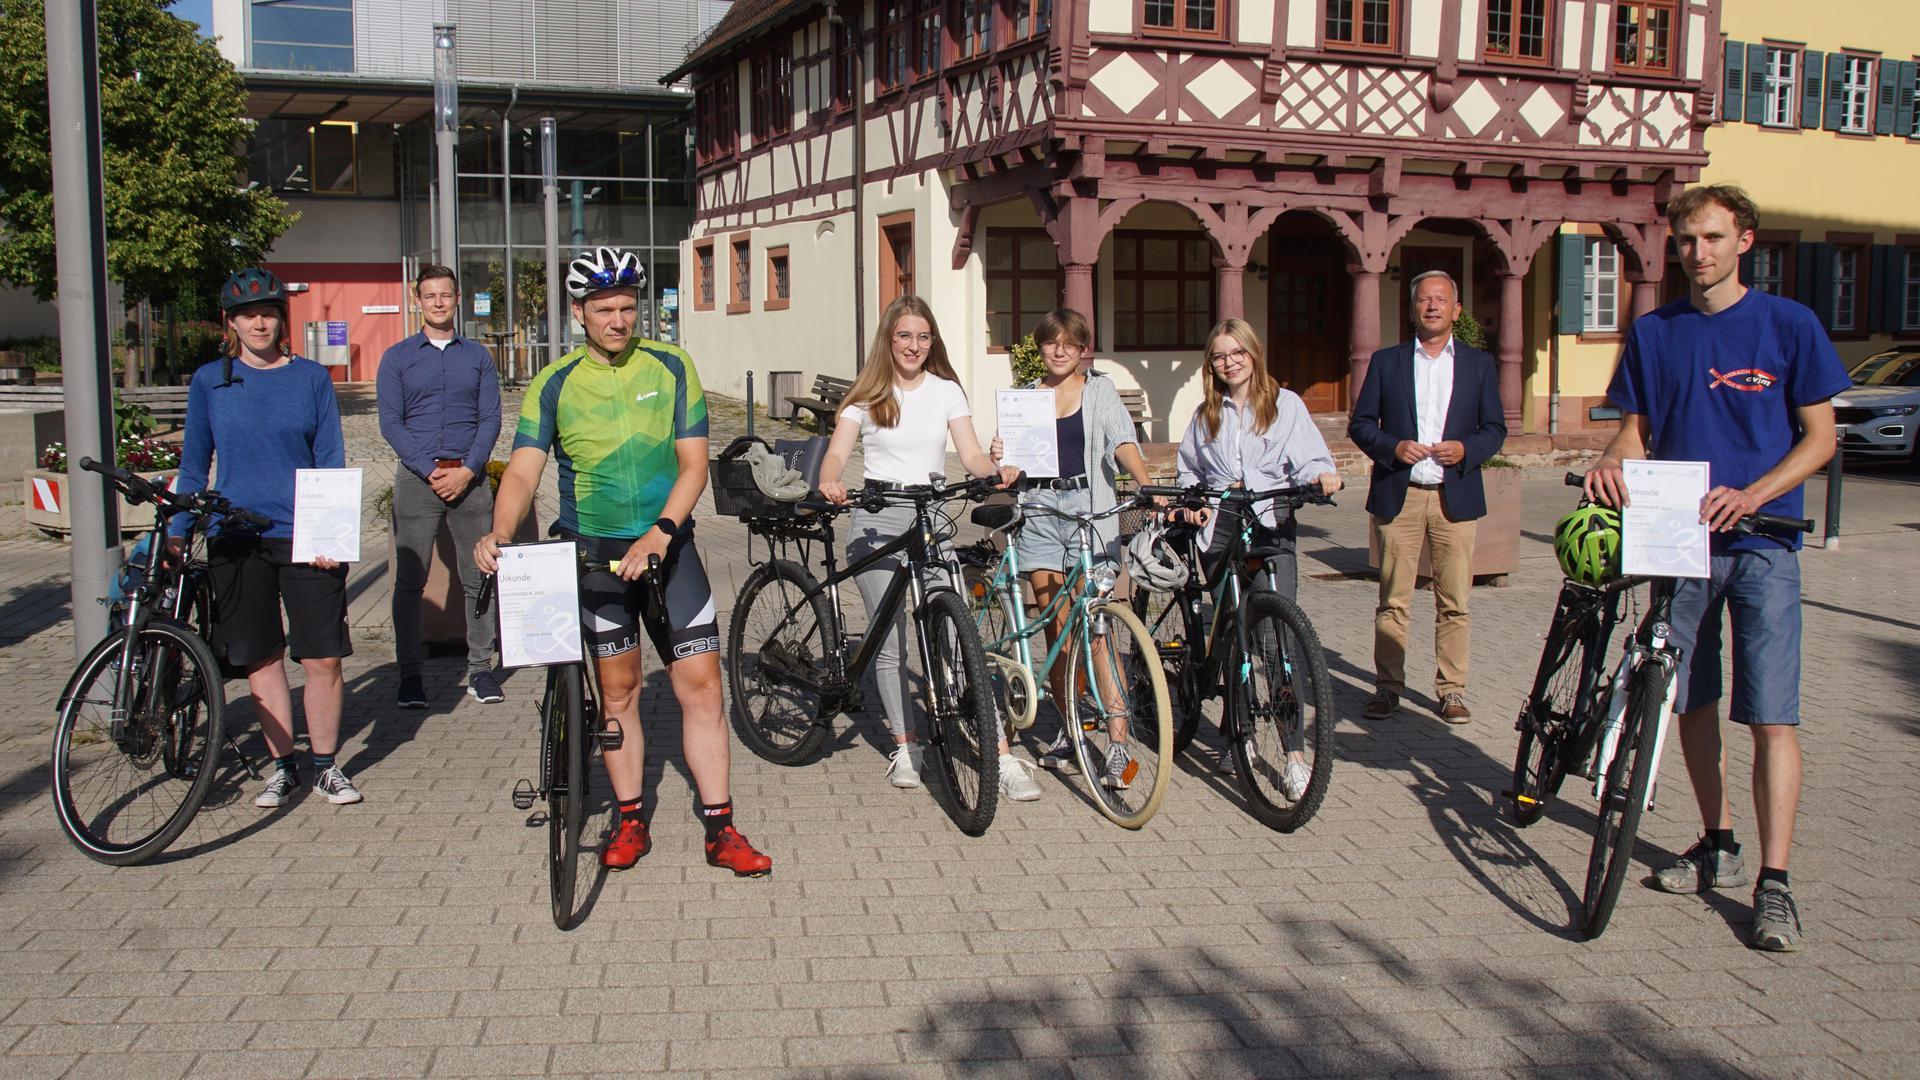 """Die Sieger: Hanna Hintze, Mario Kraus, Lara Bauch, Svenja Winkler und Raphaela Weißenrieder (""""Kichael Munzmanns"""") und Alexander Baier (vorne, mit Rad, von links) wurden von Heiko Genthner (rechts hinten) und Tobias Schindler ausgezeichnet."""